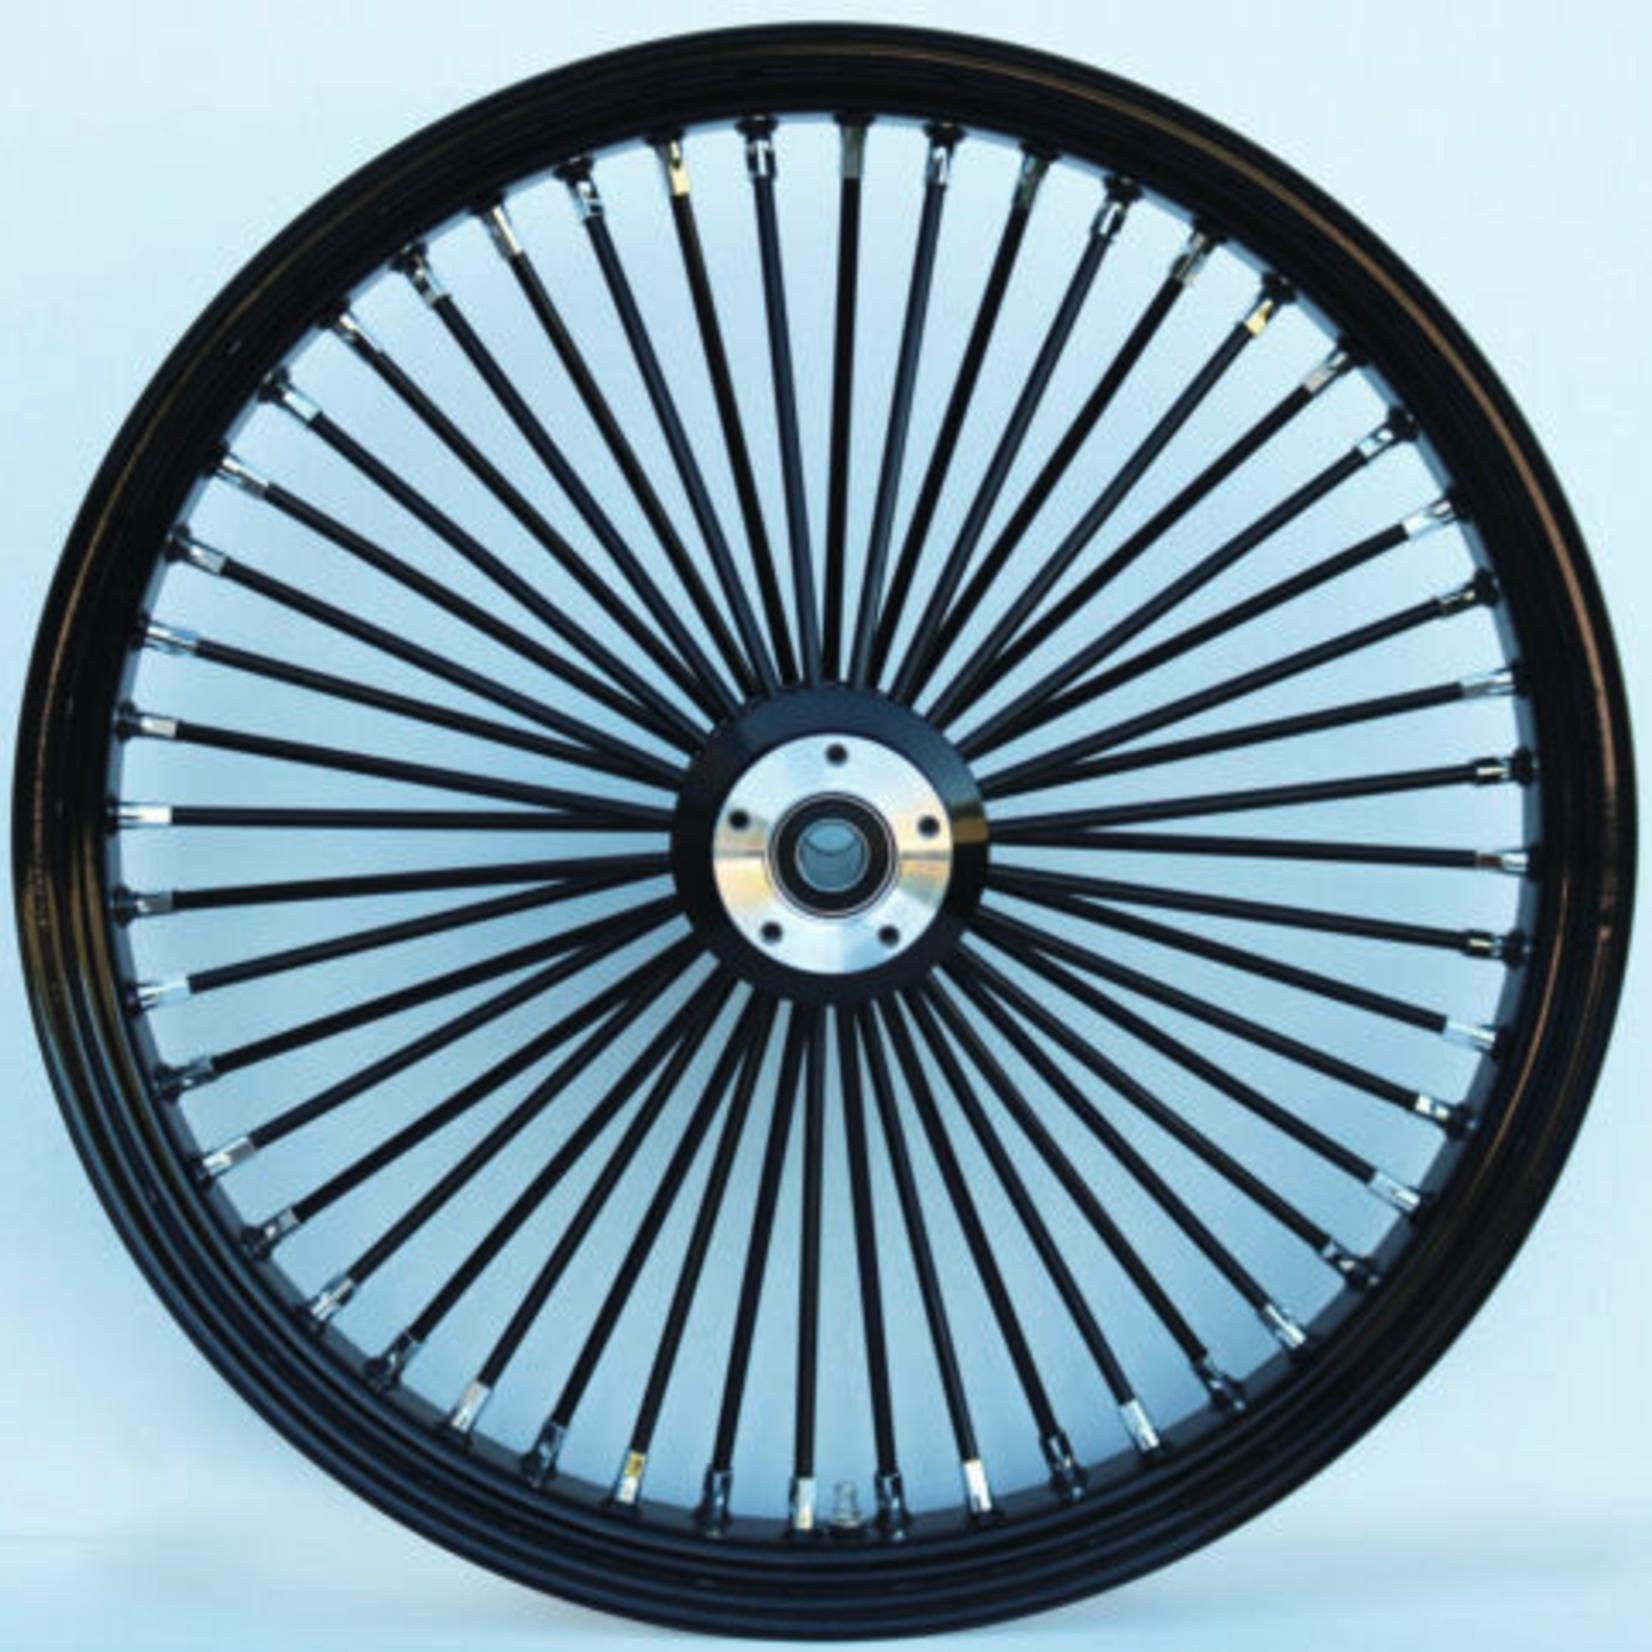 48 Fat Spoke Wheel - Front - Black/Black - Single - 1'' Axle - 21 x 3.5